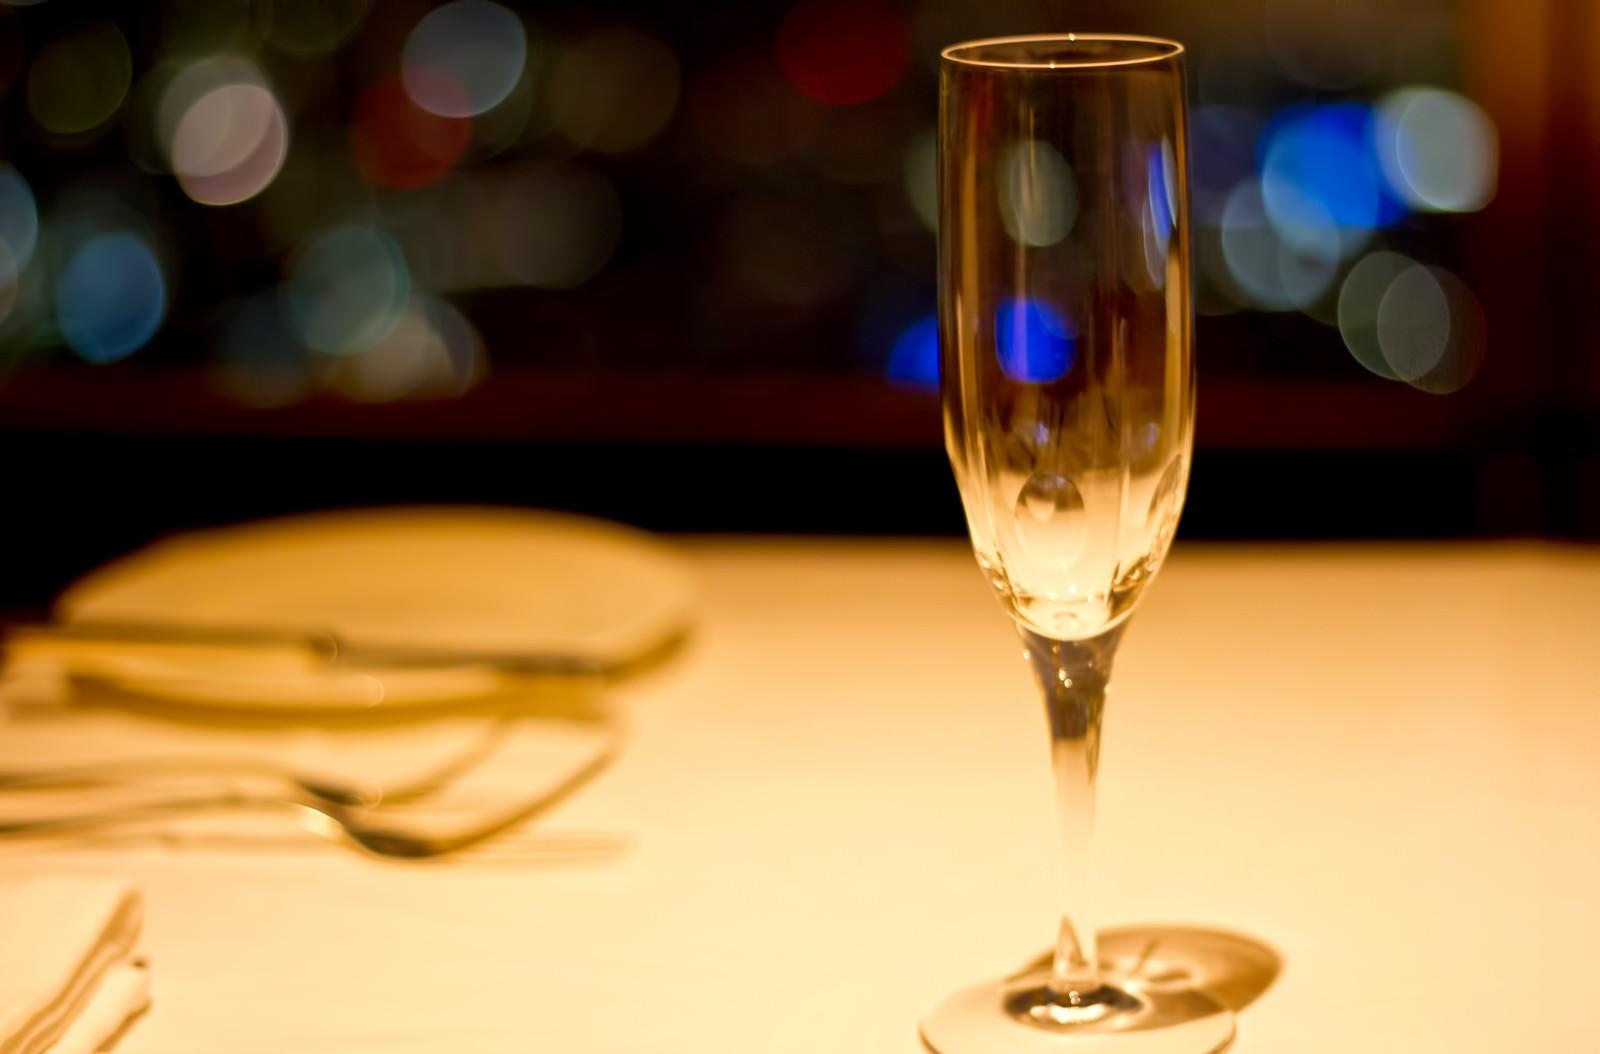 「テーブルに置かれたシャンパングラステーブルに置かれたシャンパングラス」のフリー写真素材を拡大